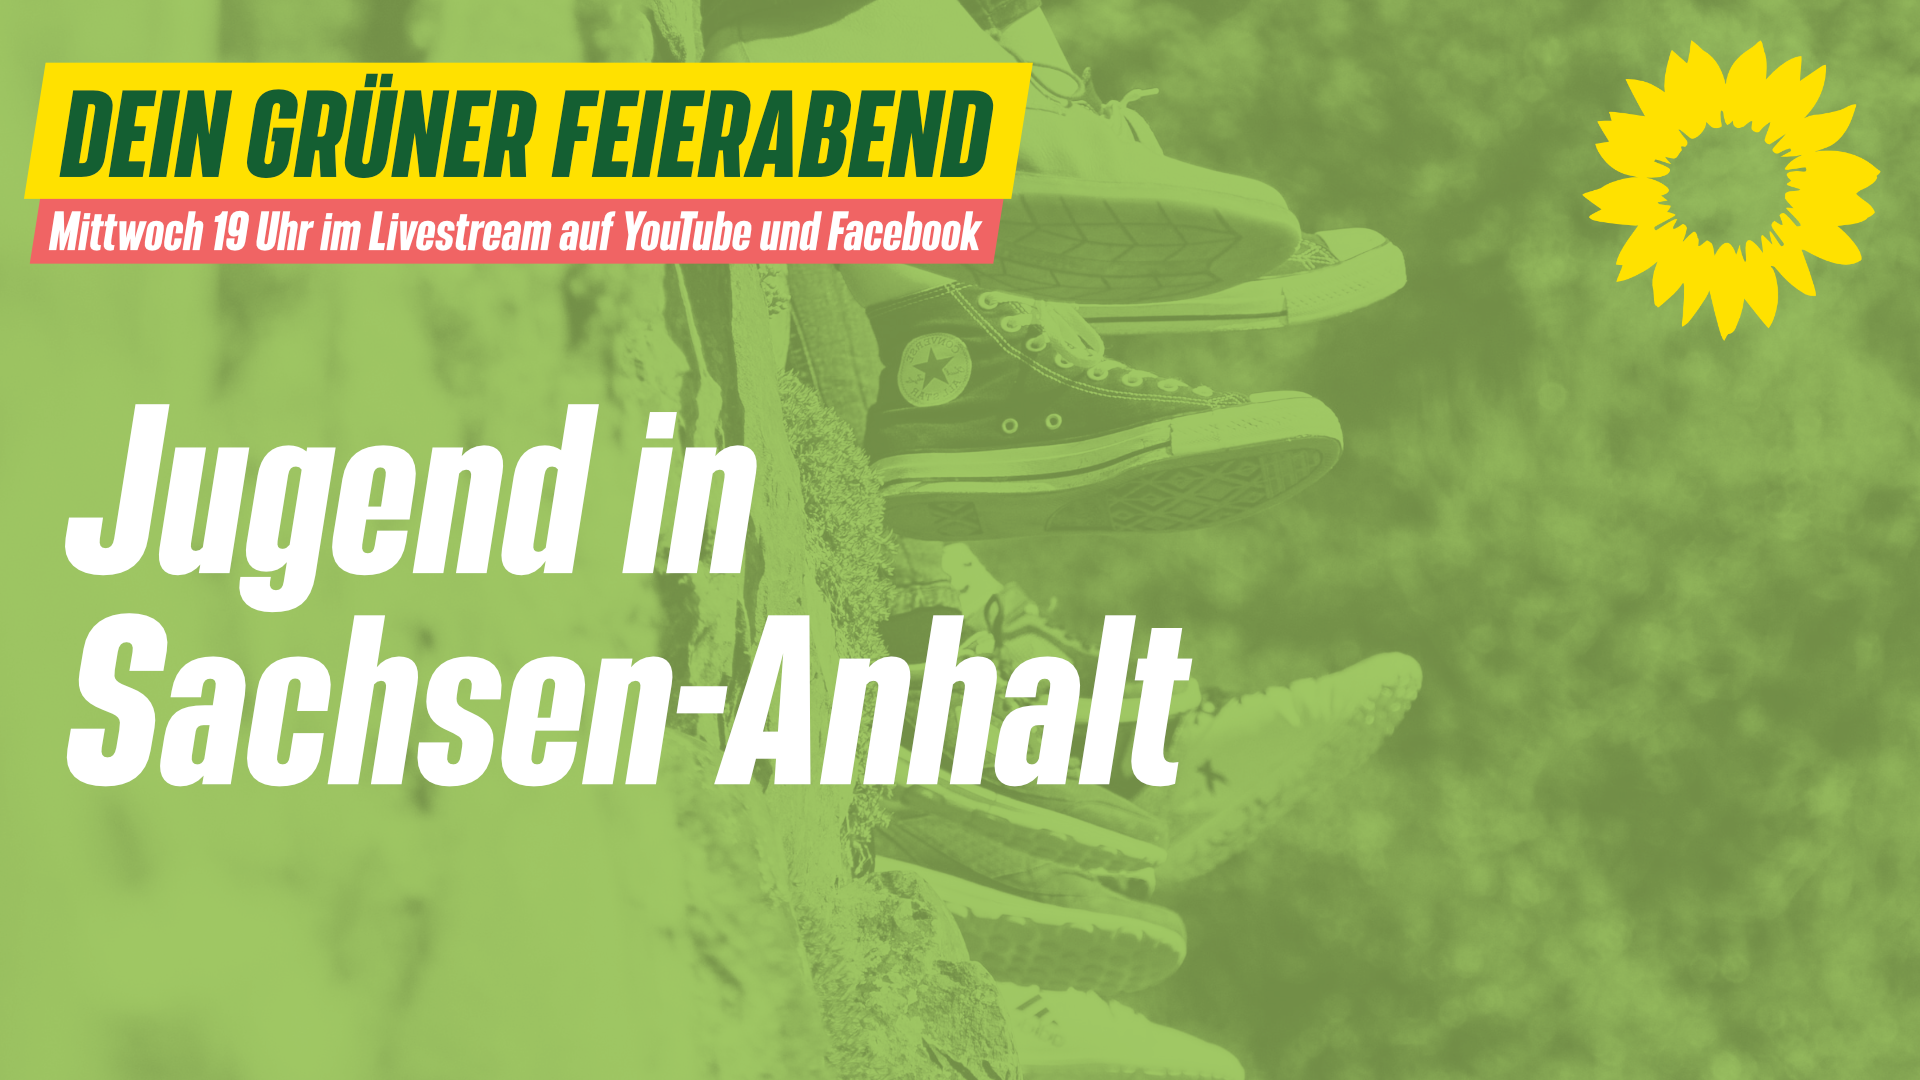 """Dein grüner Feierabend am 23.06. – """"Jugend in Sachsen-Anhalt"""" mit Sarah Einzel"""